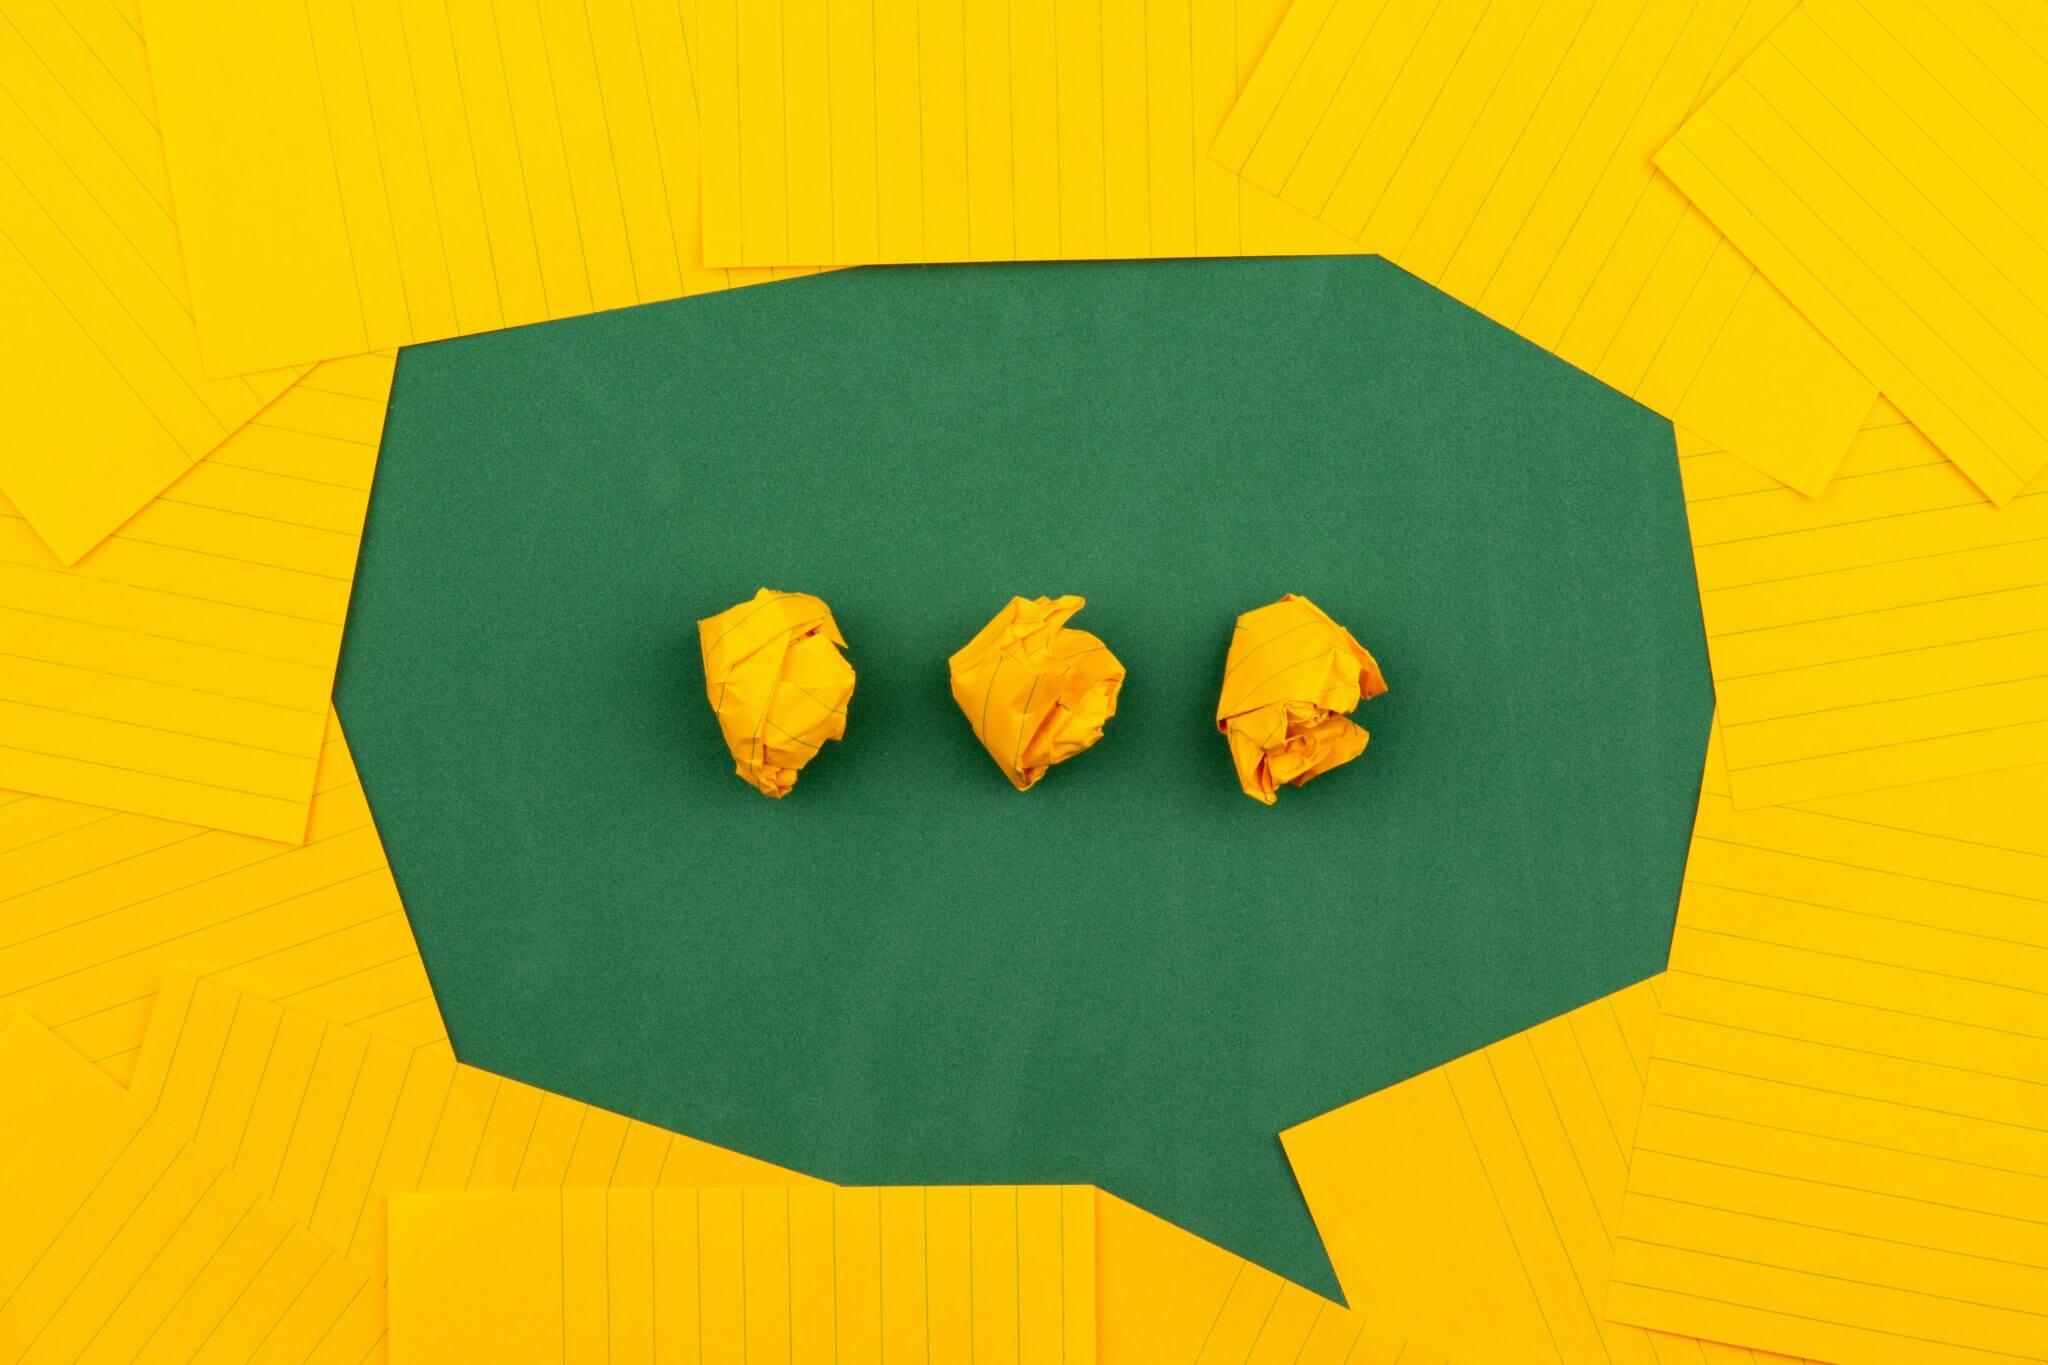 Conversa Photo by Volodymyr Hryshchenko on Unsplash